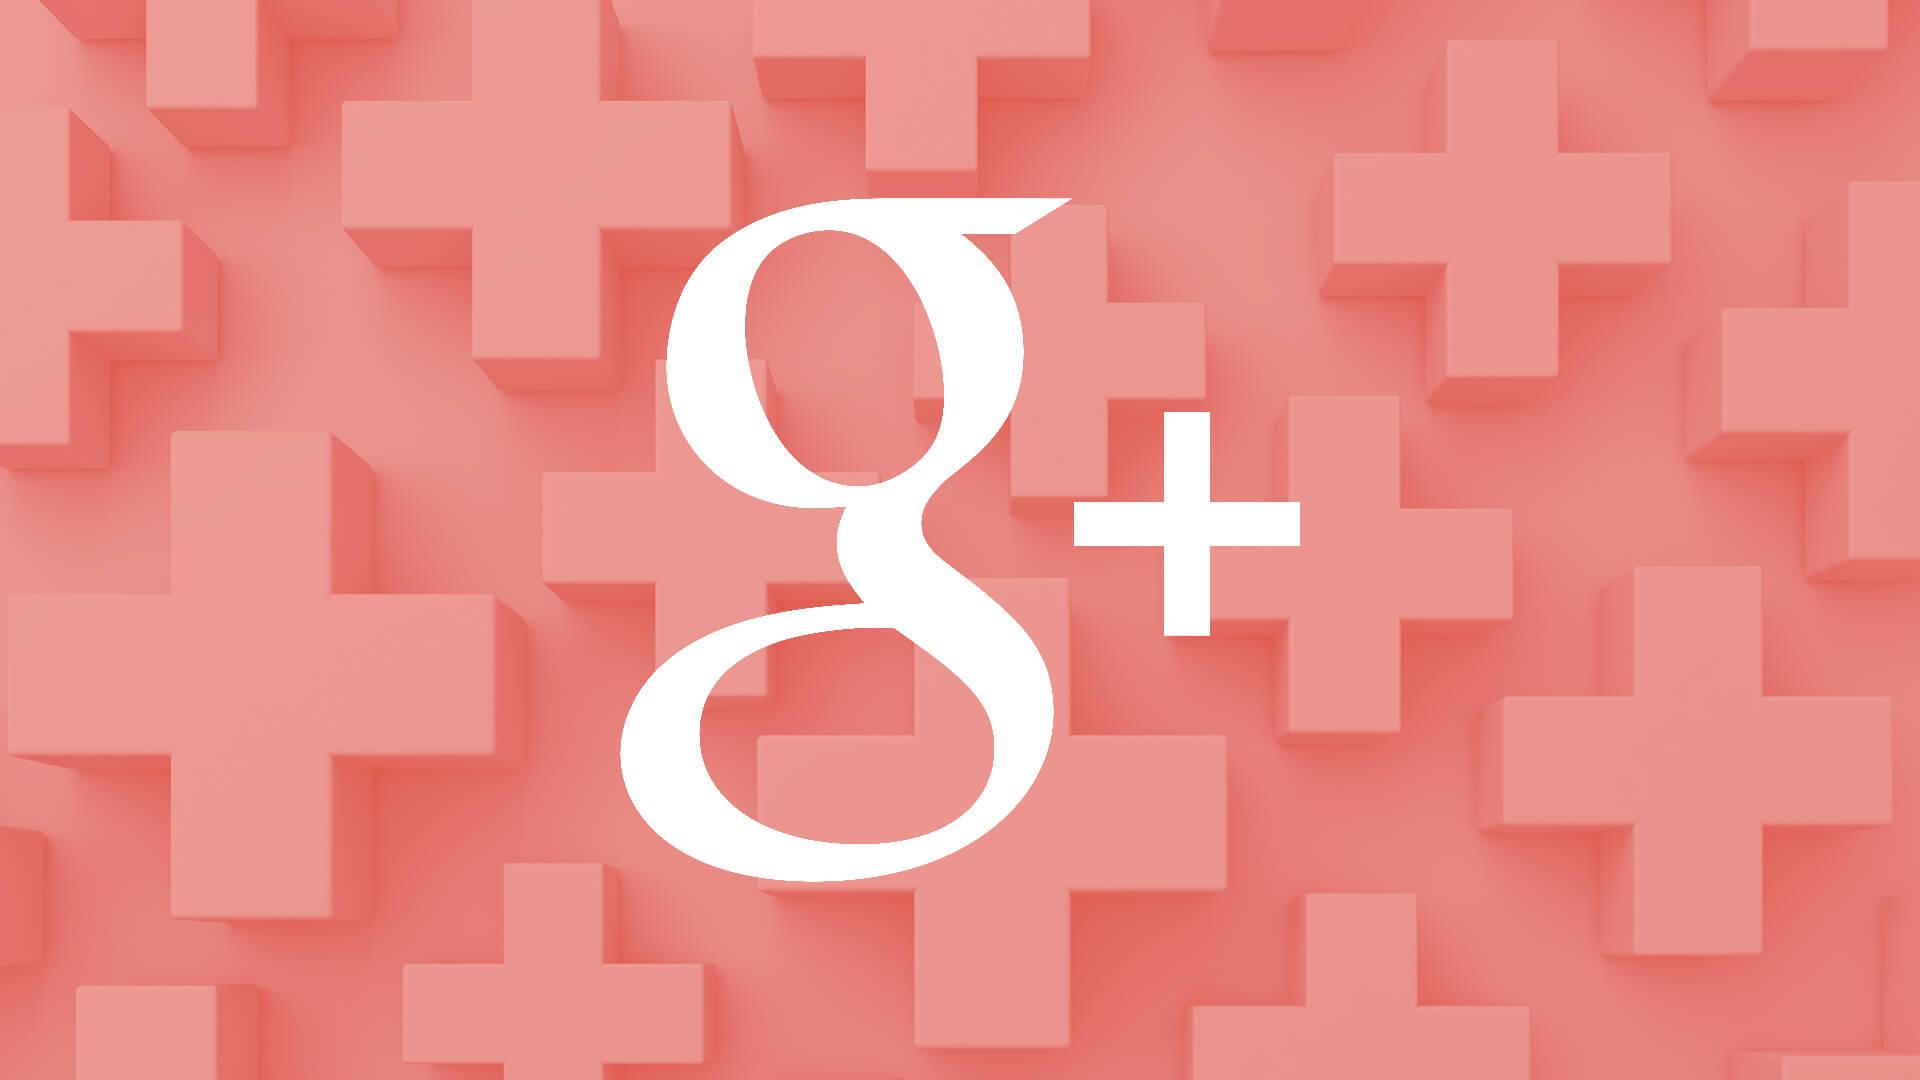 Google Plus sẽ ngưng hoạt động trong tháng 4 năm 2019